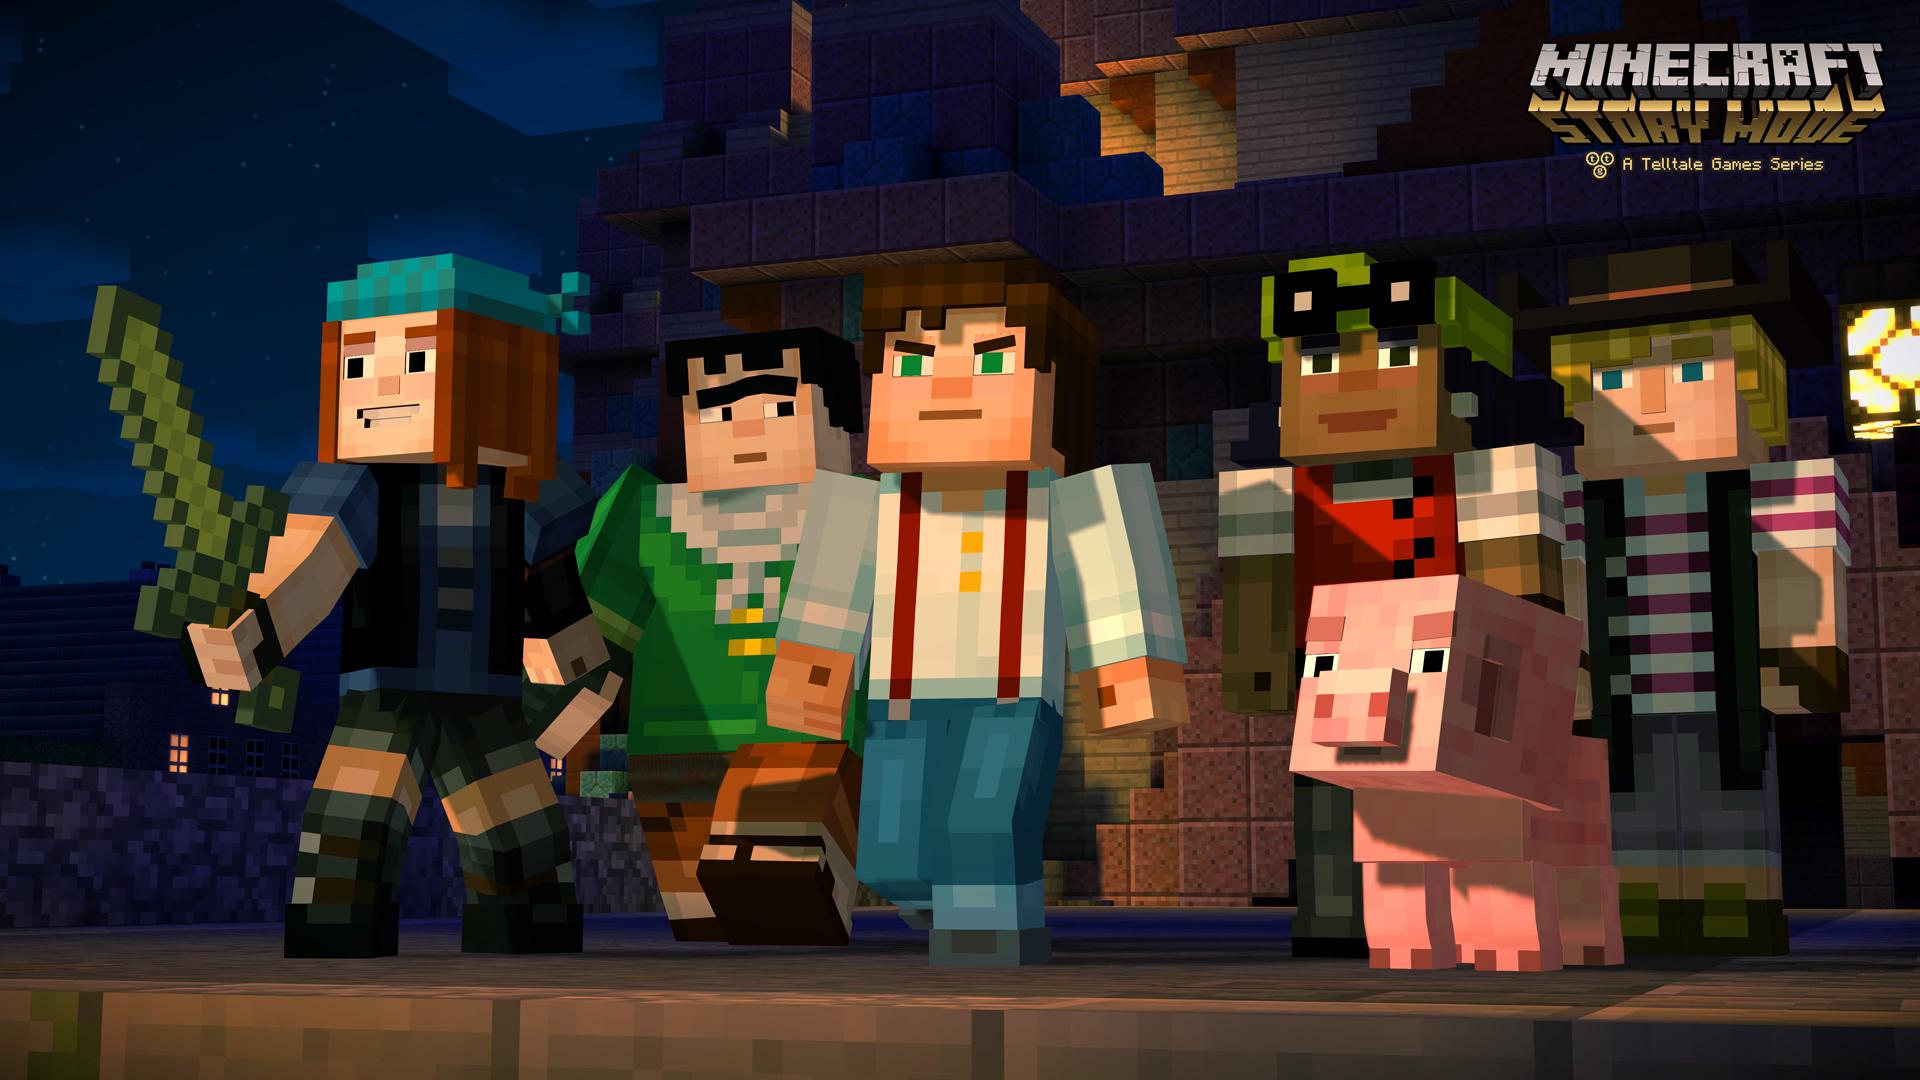 Minecraft_JessesGroup_Screenshot